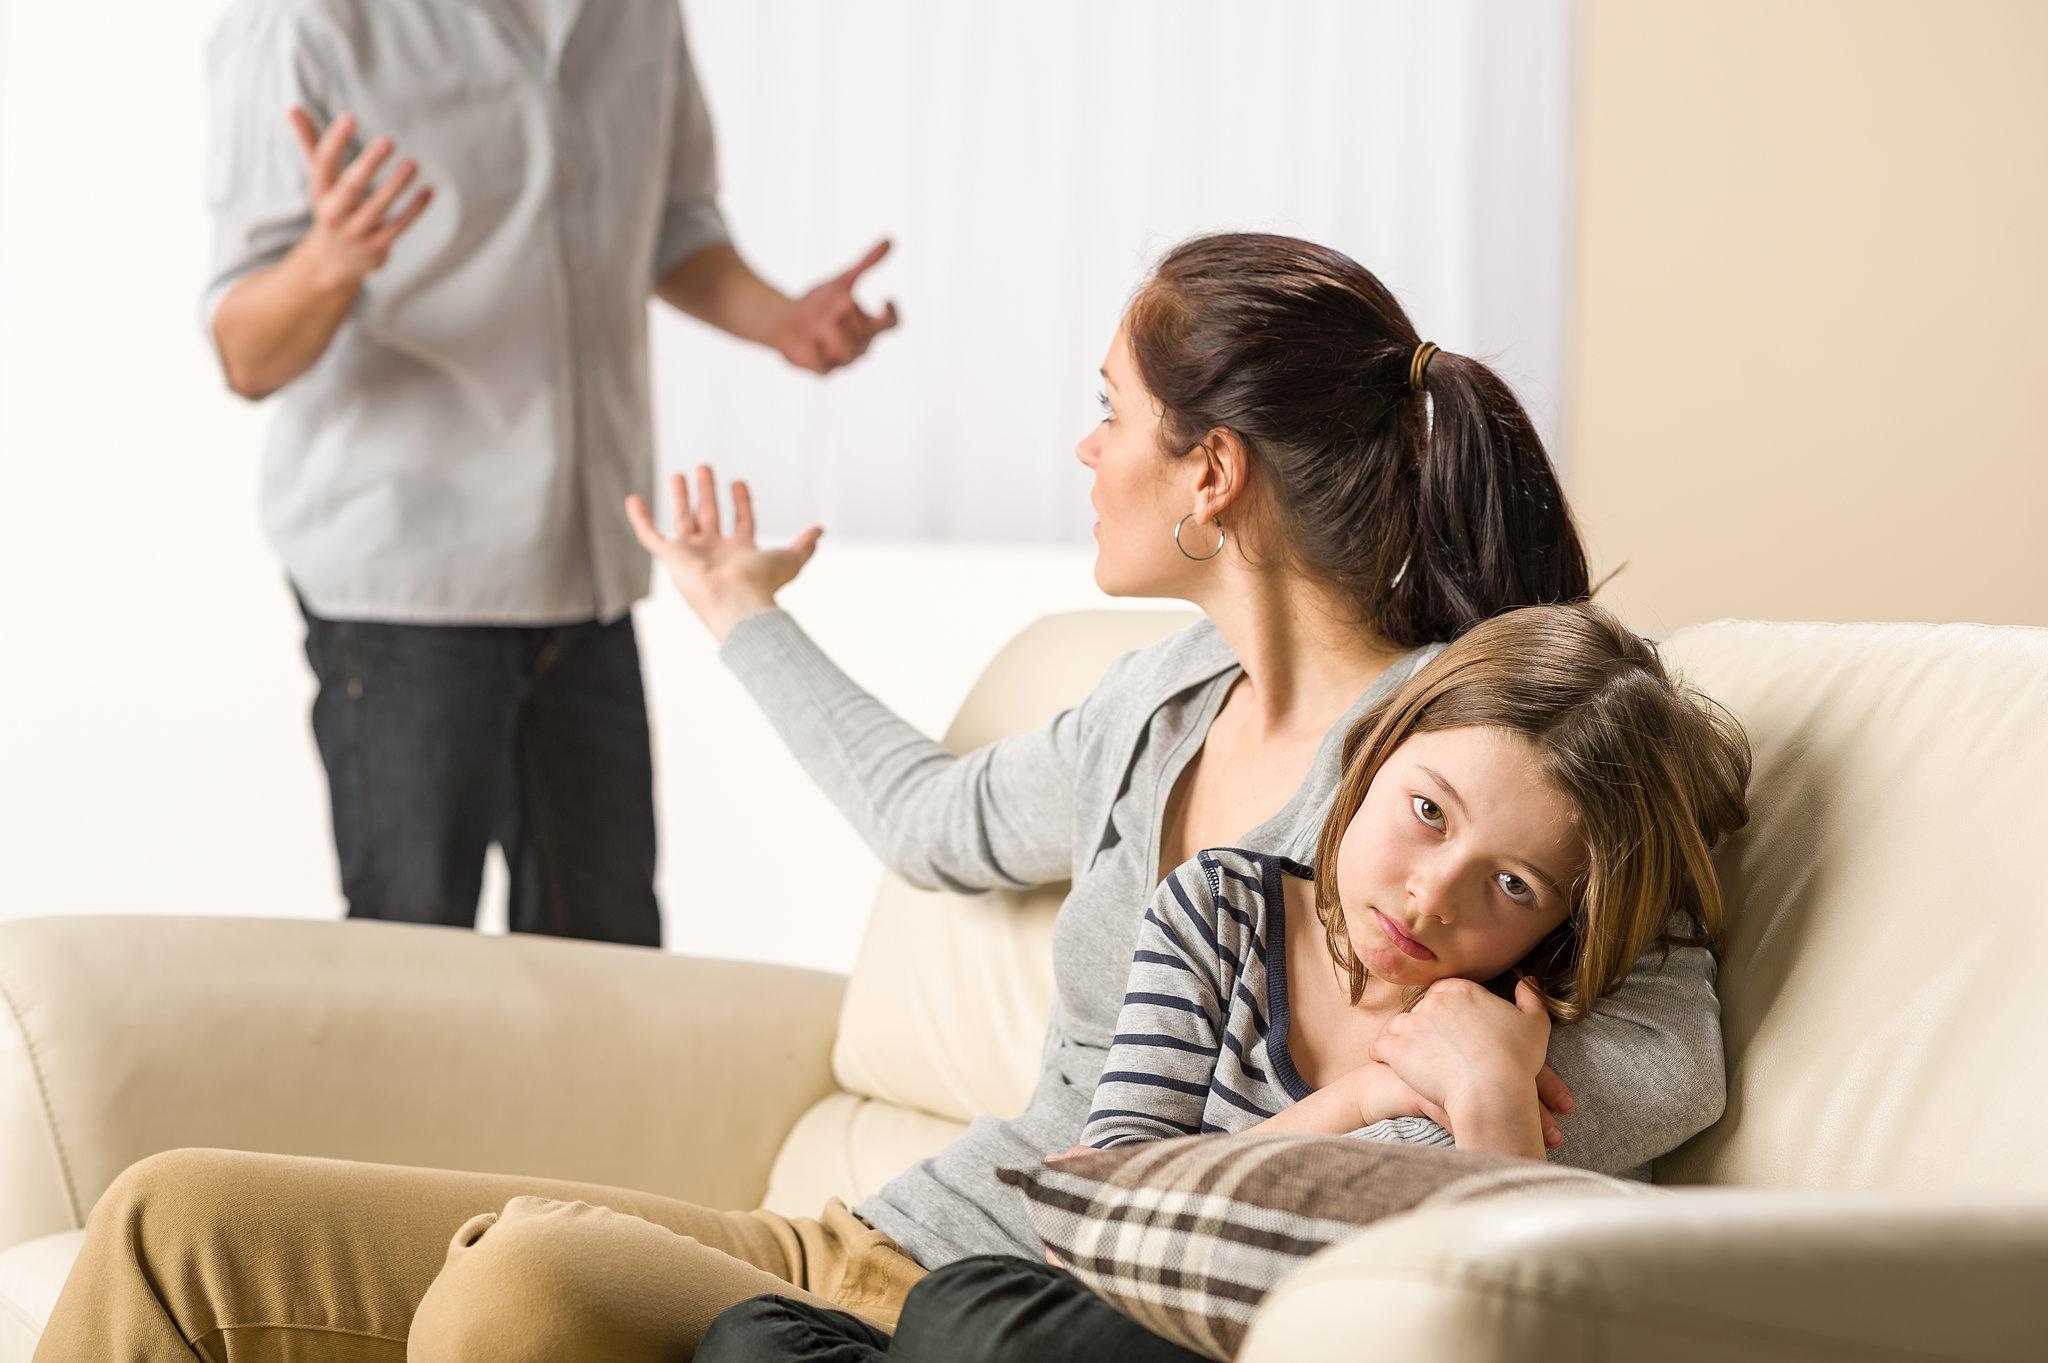 что делать при разводе с женой хохотнул коротко